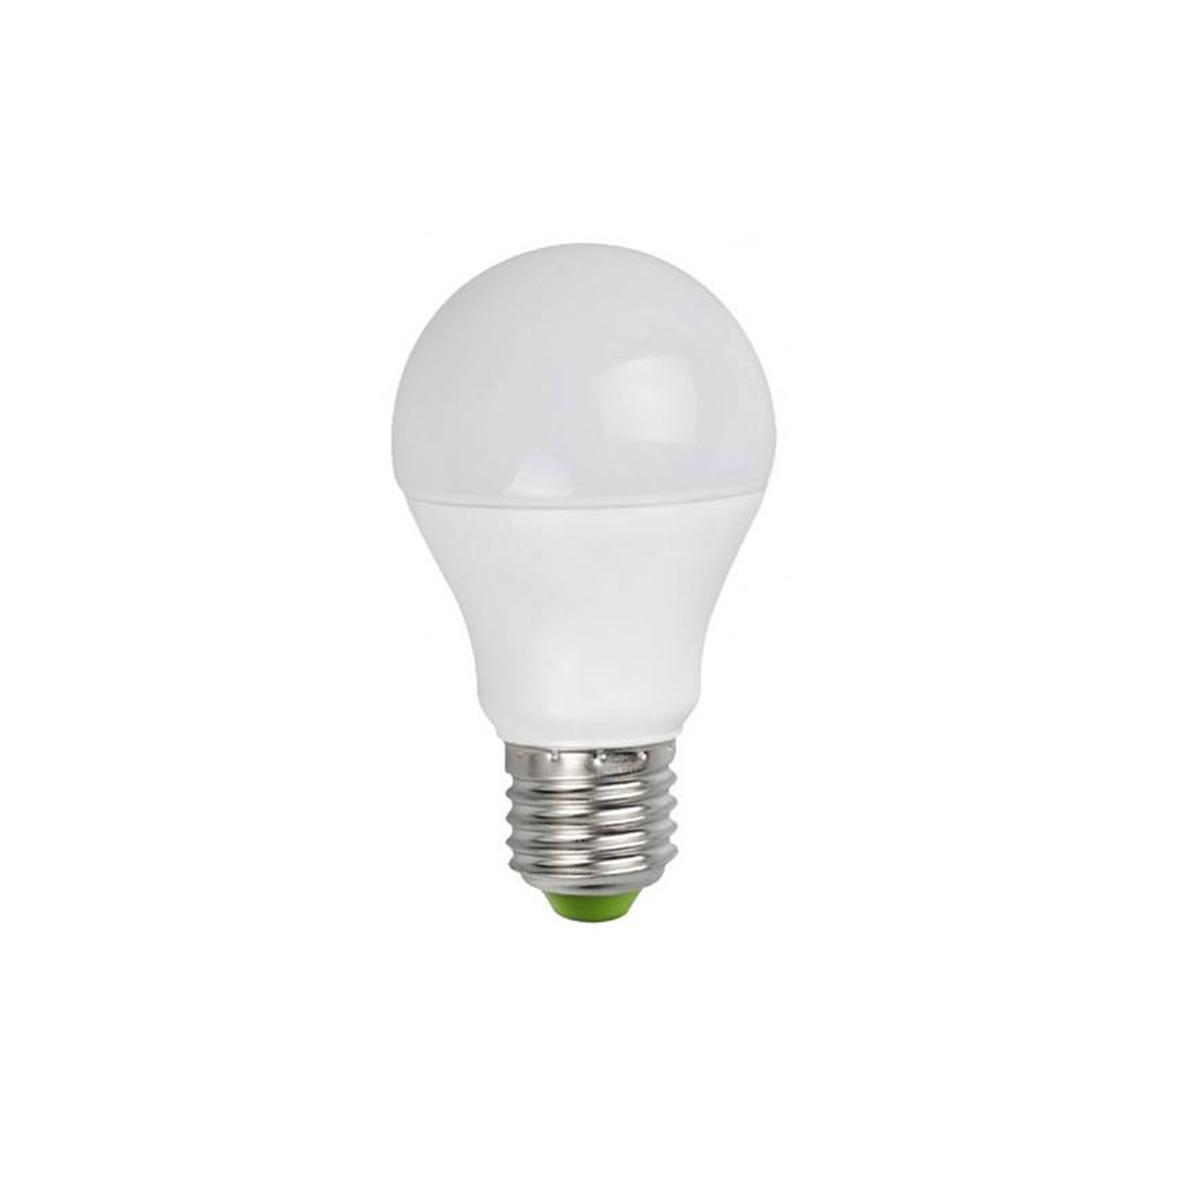 لامپ ال ای دی 12 وات تیراژه مدل BL12 پایه E27